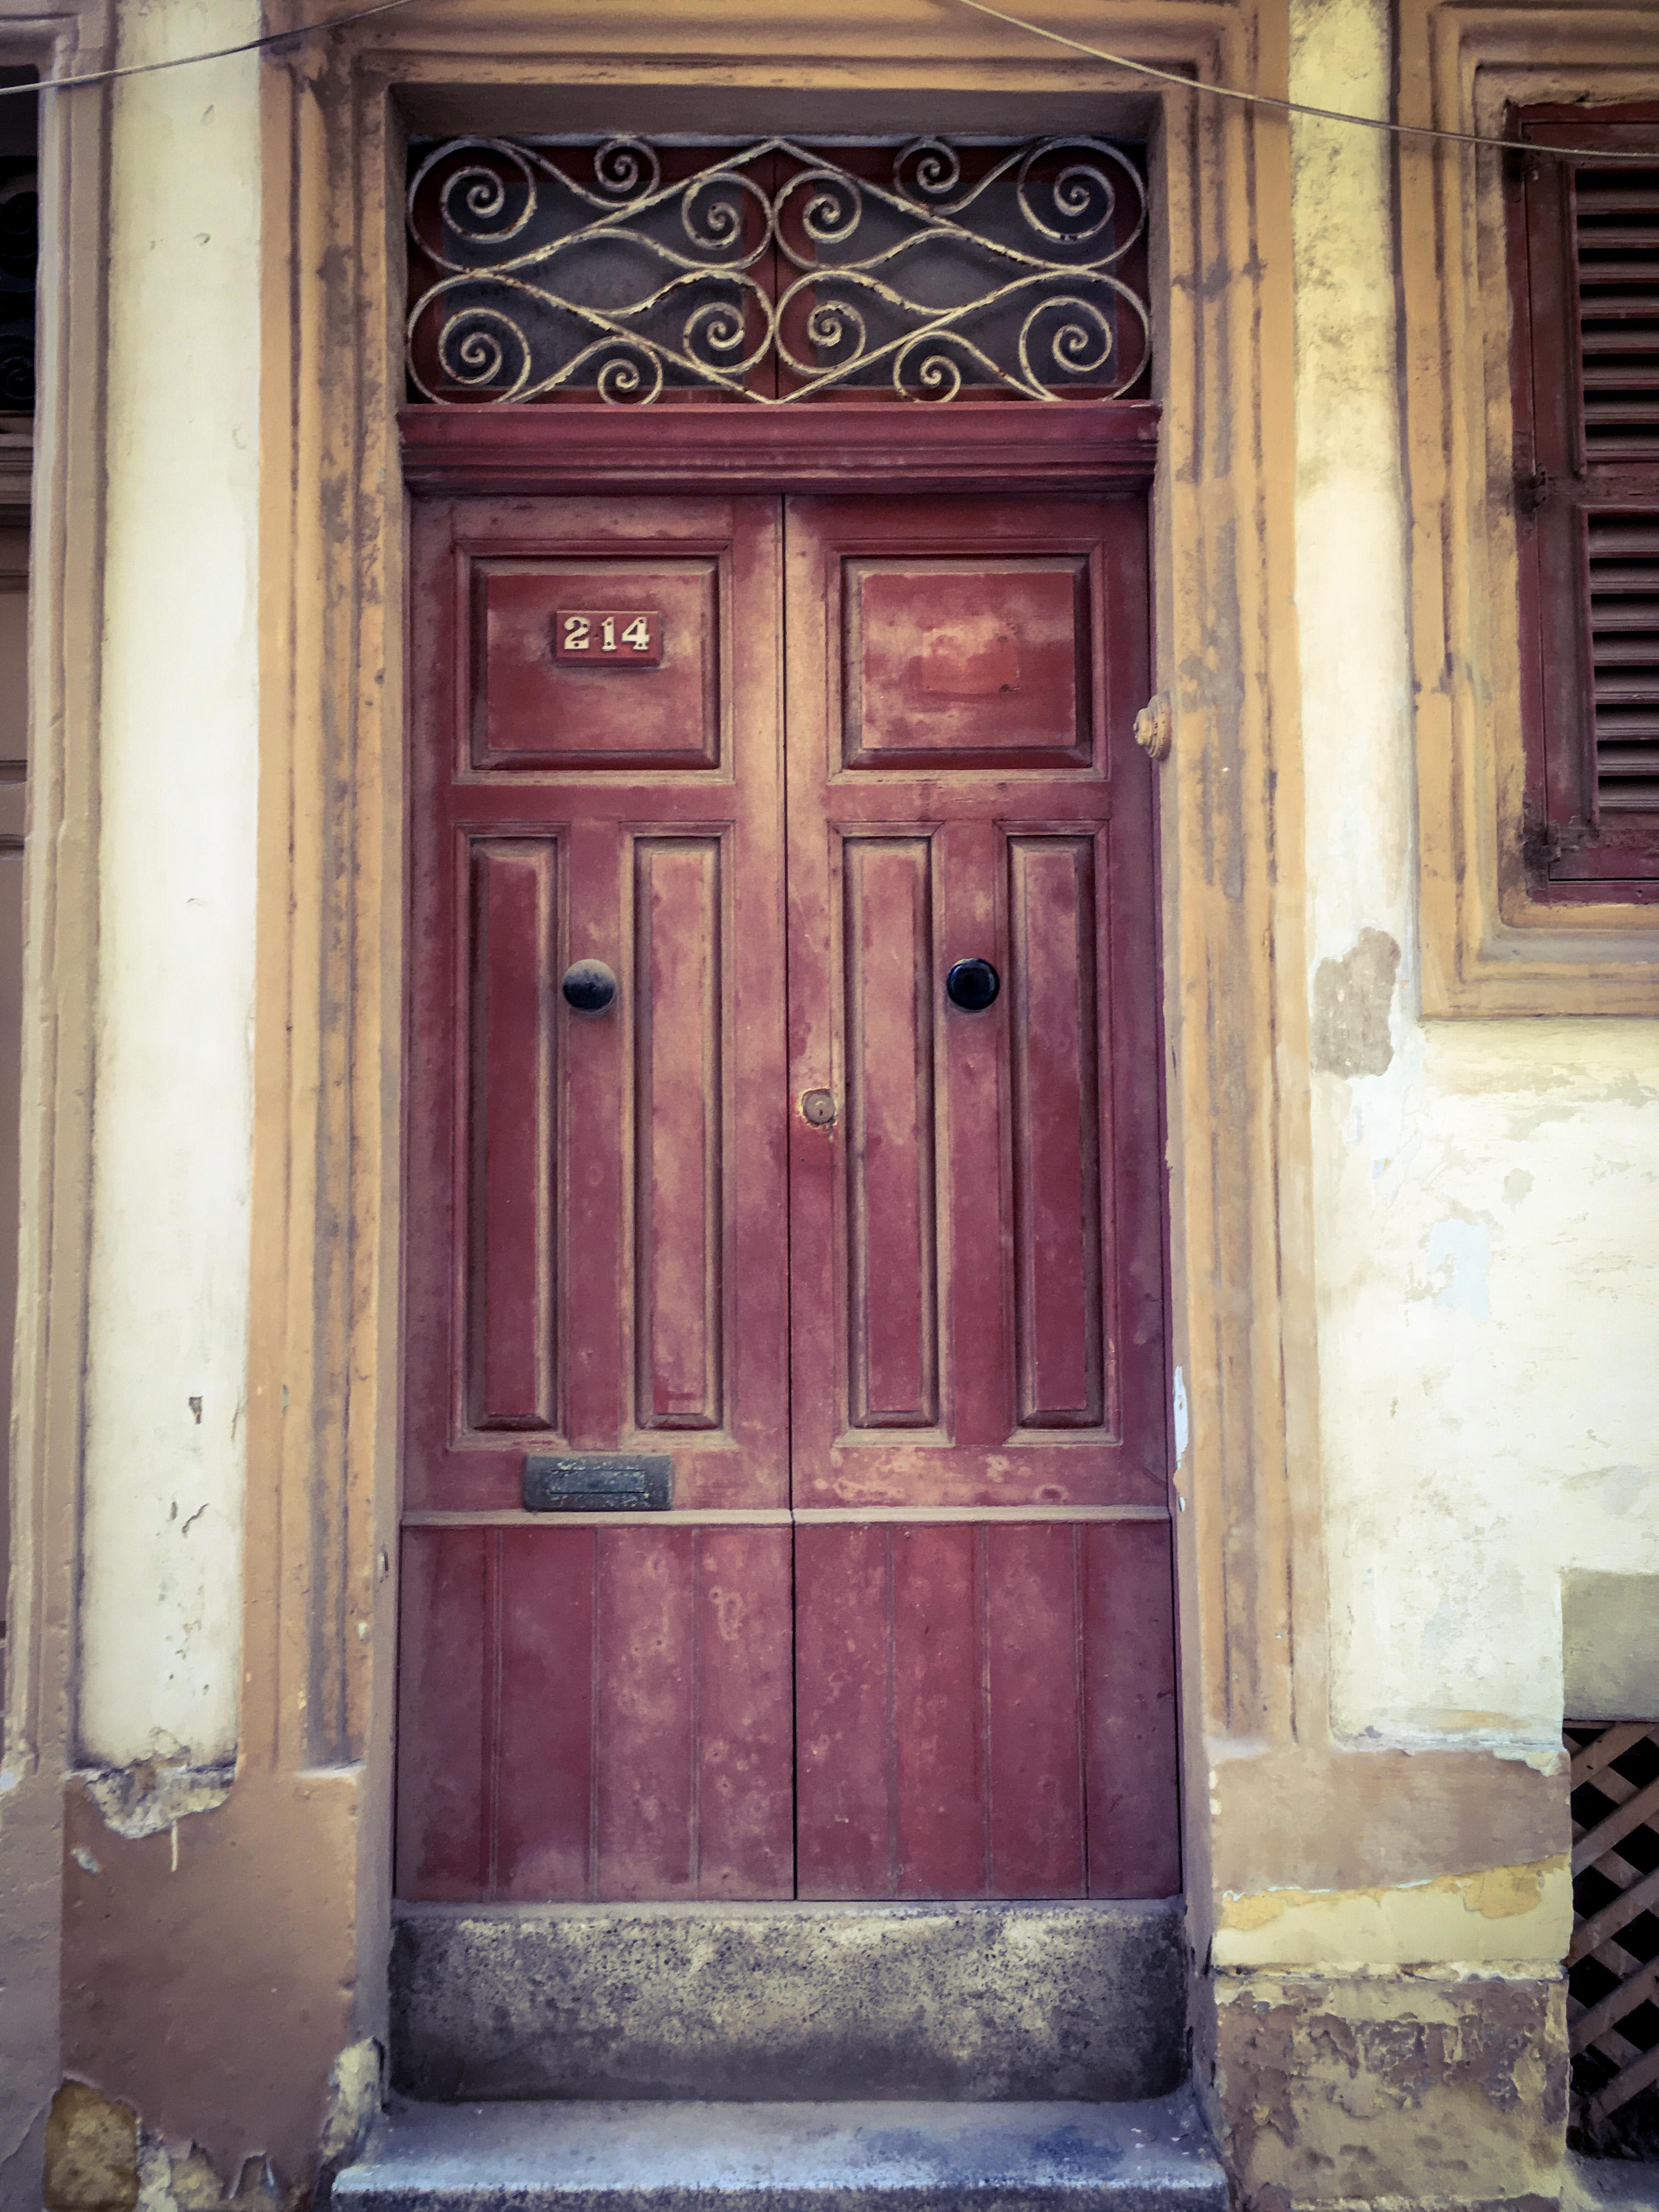 ld red door, Bormla, Malta ©Helen Jones-Florio